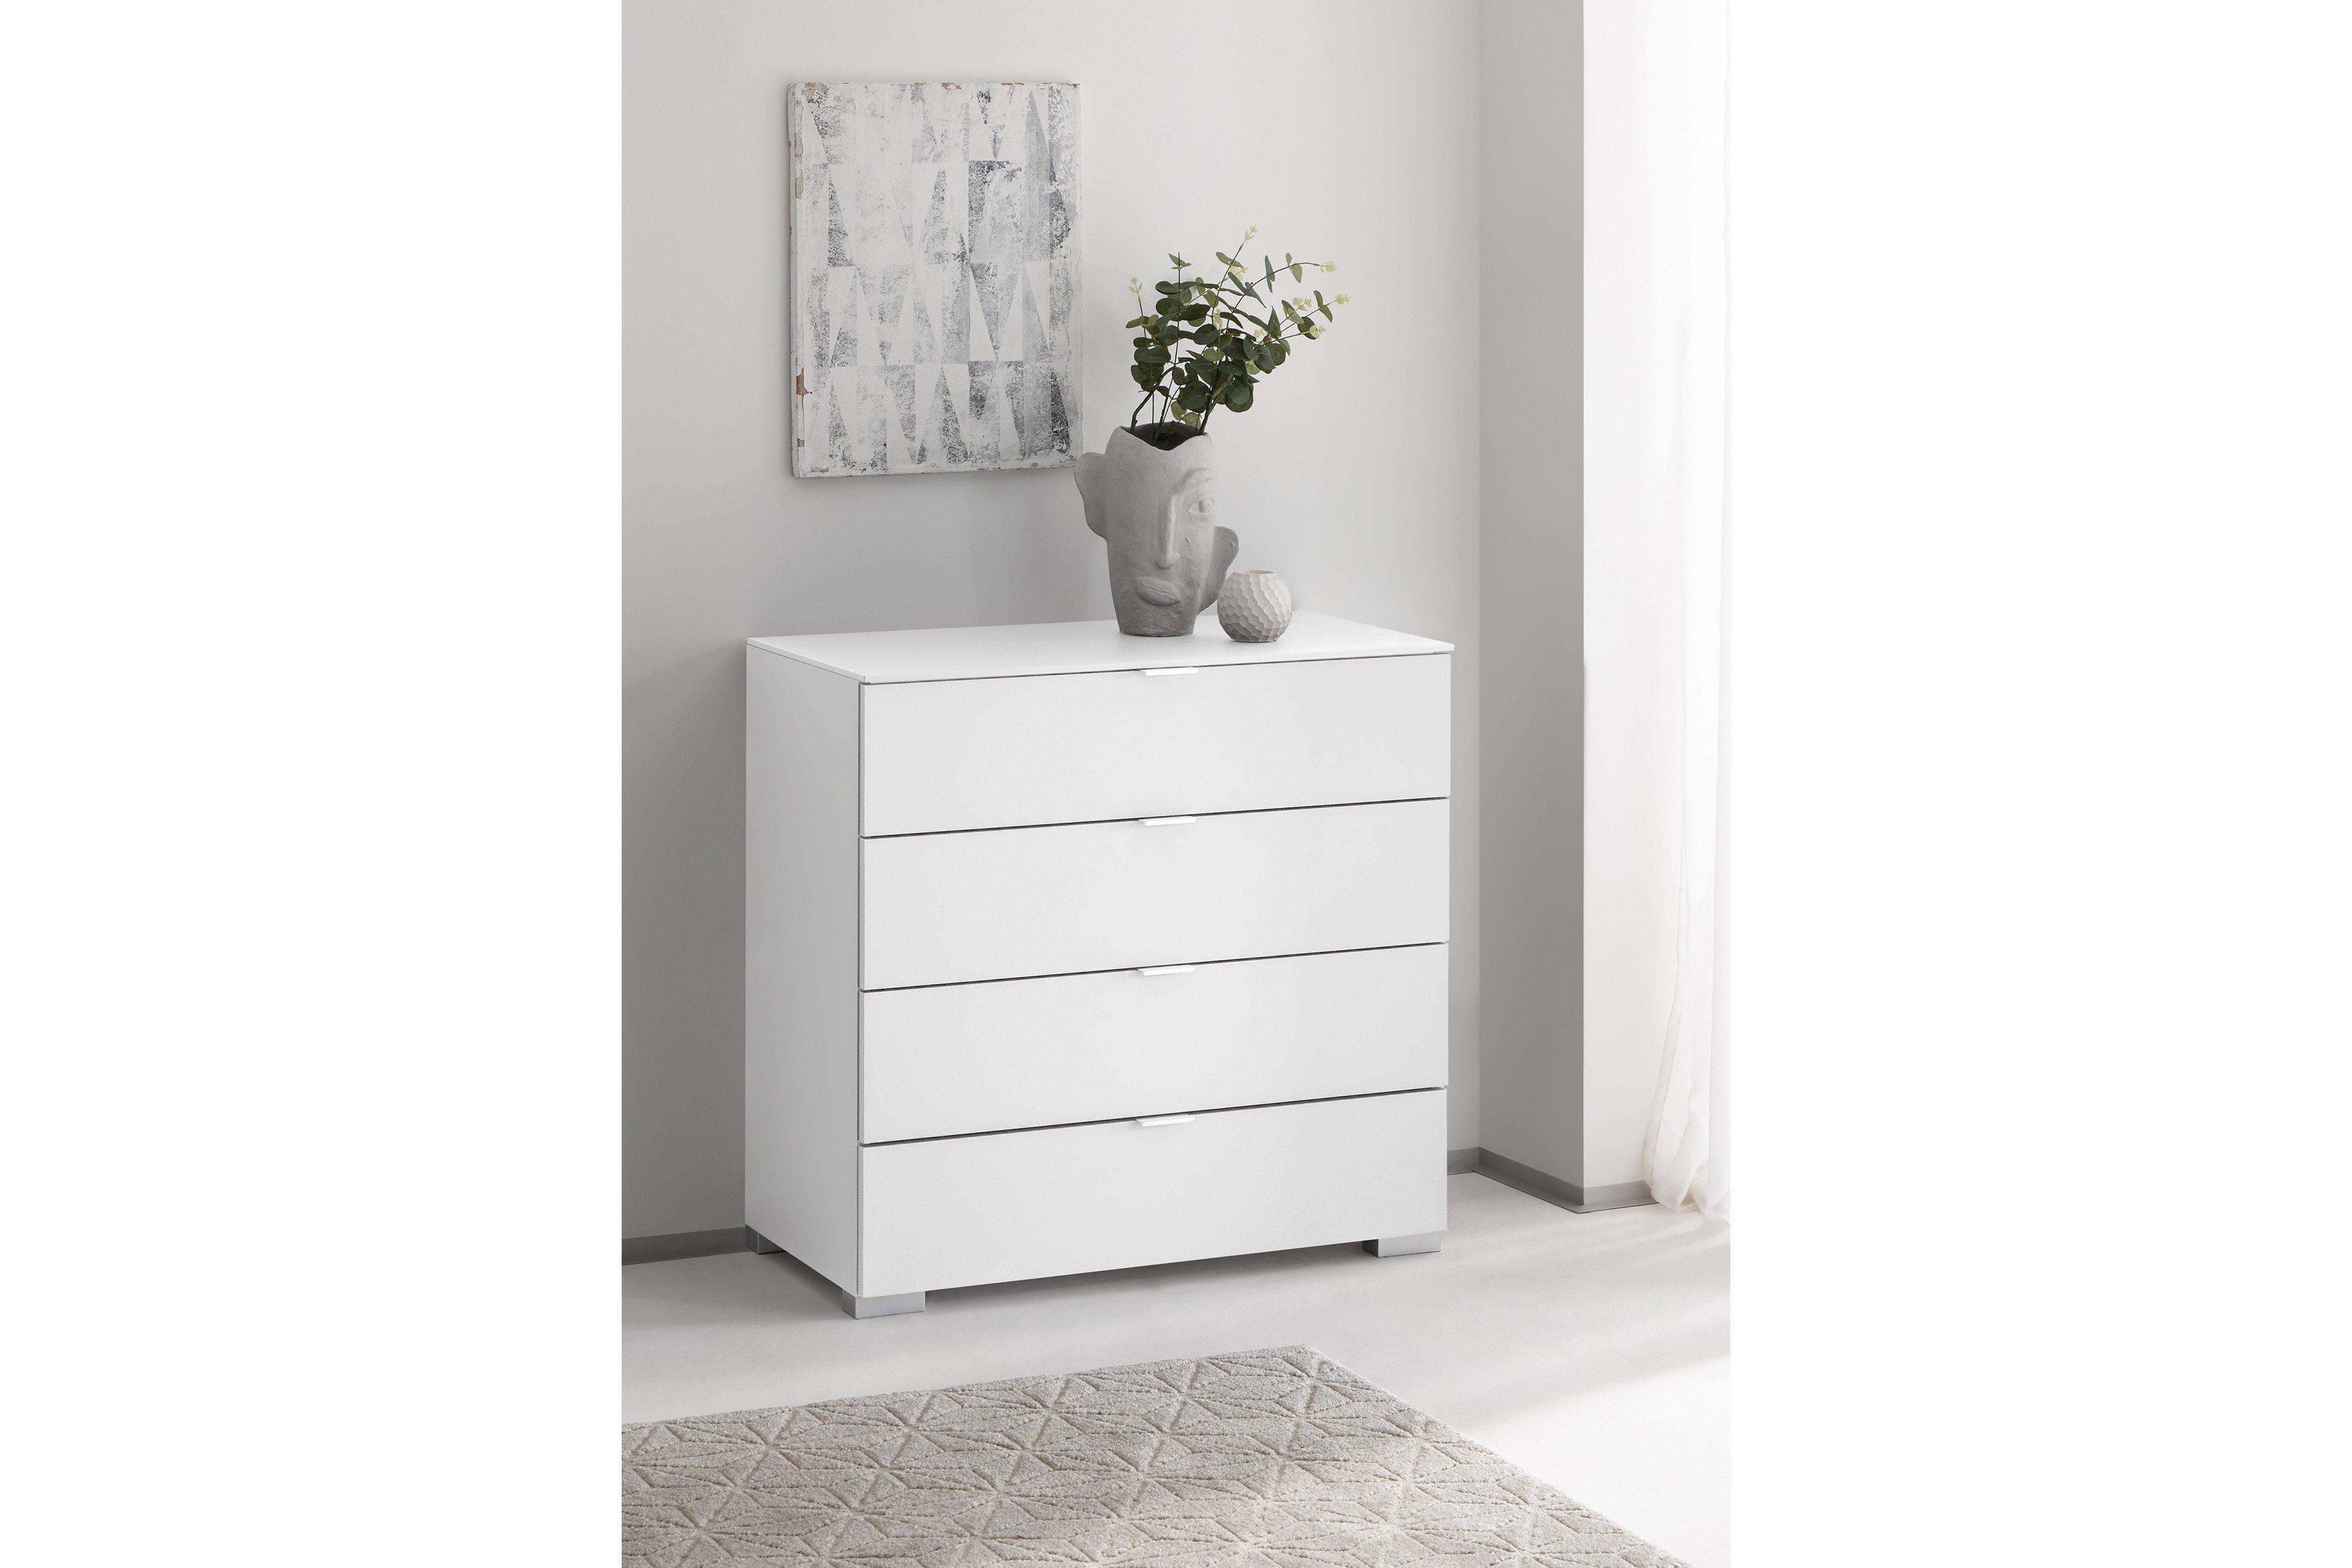 Staud Includo Kommode Weiß Möbel Letz Ihr Online Shop